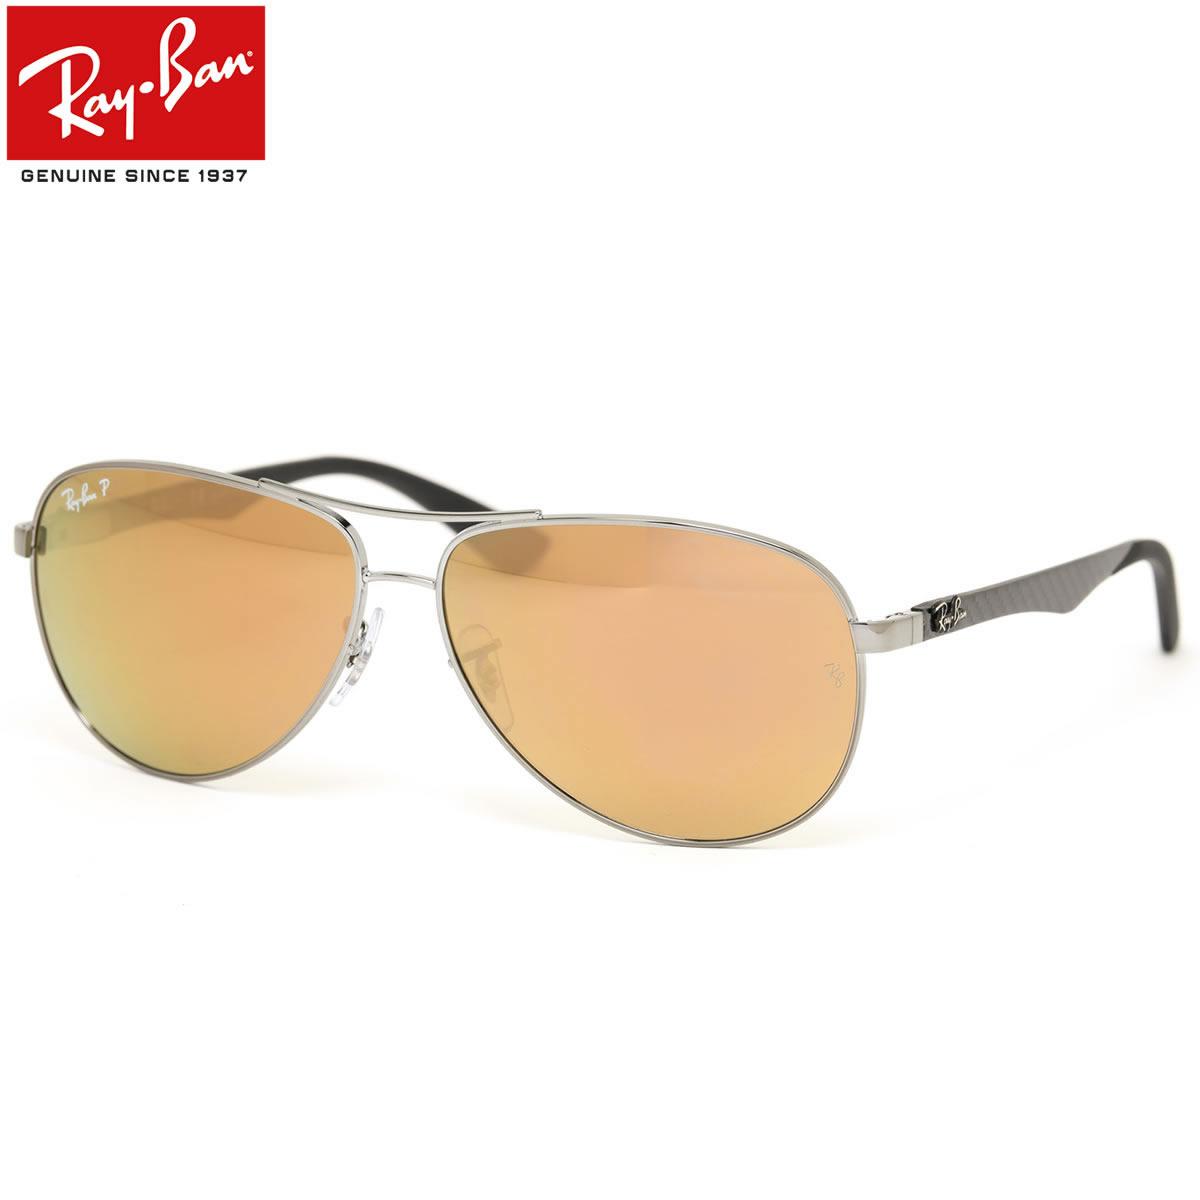 Ray Ban RB8313 004/N3 61mm 1 tg4QZ46Y0